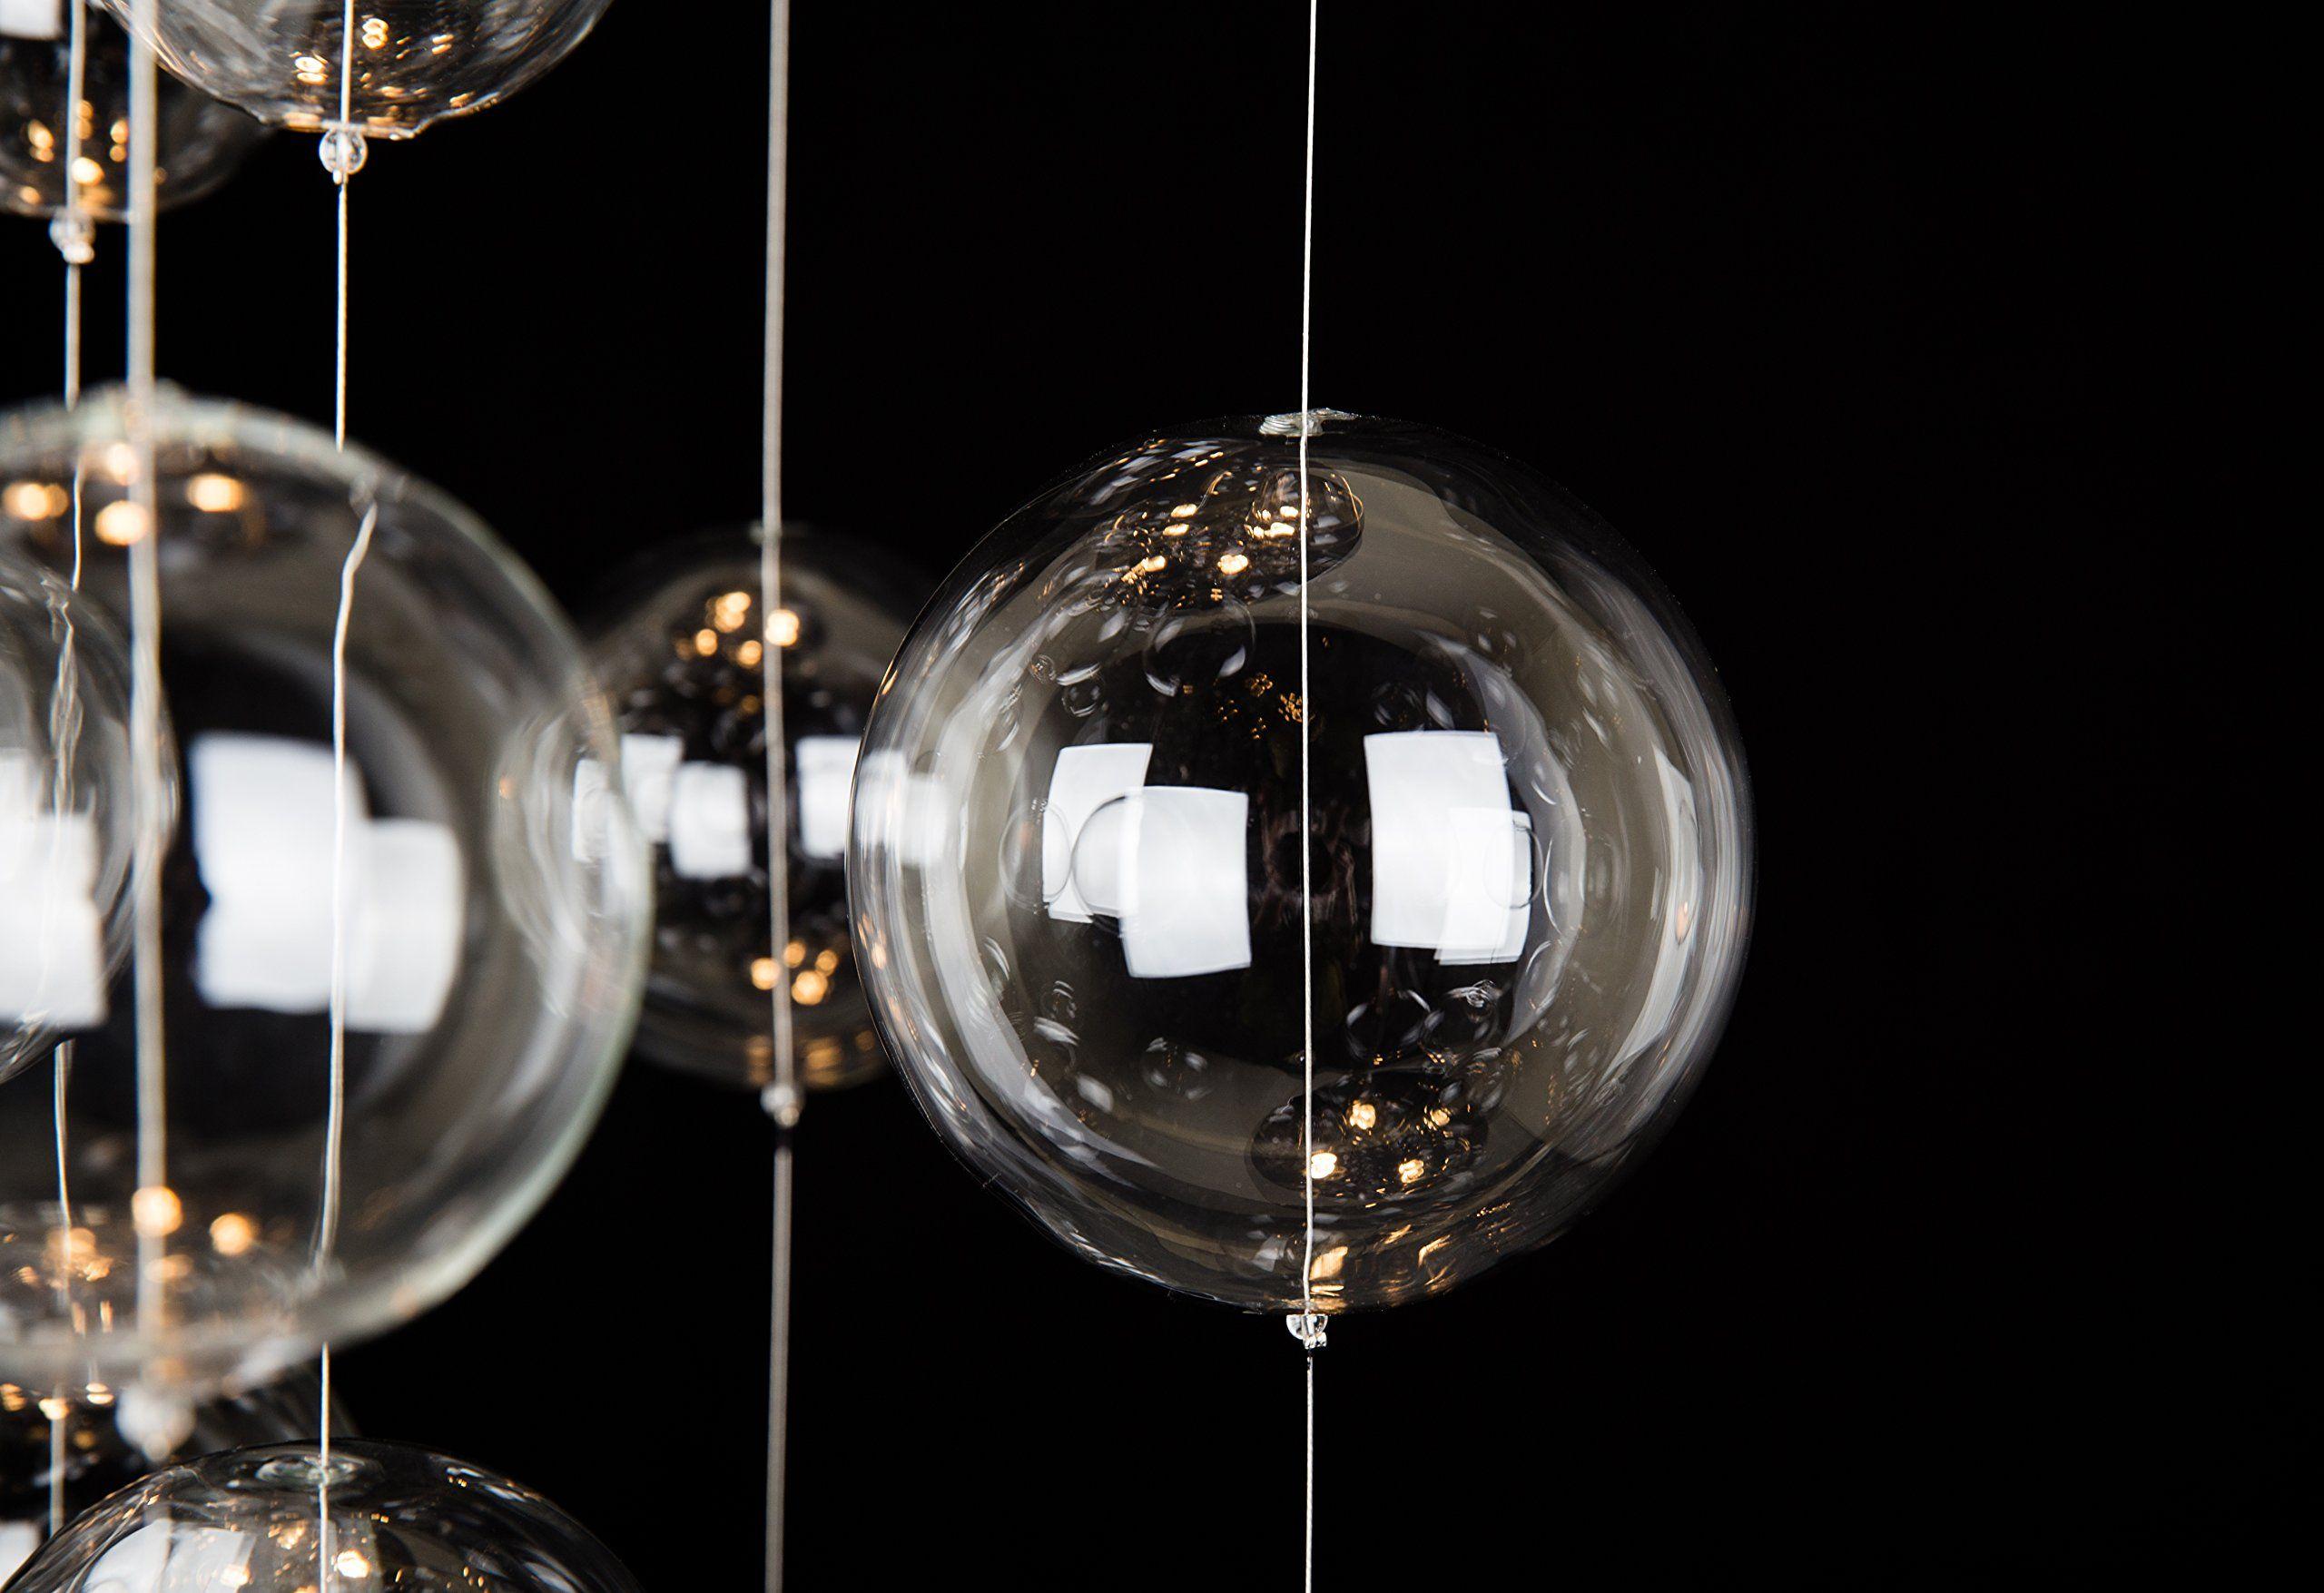 Saint Mossi Modern Glass Raindrop Chandelier Lighting Flush Mount Led Ceiling Light Fixture Pendant Lamp For